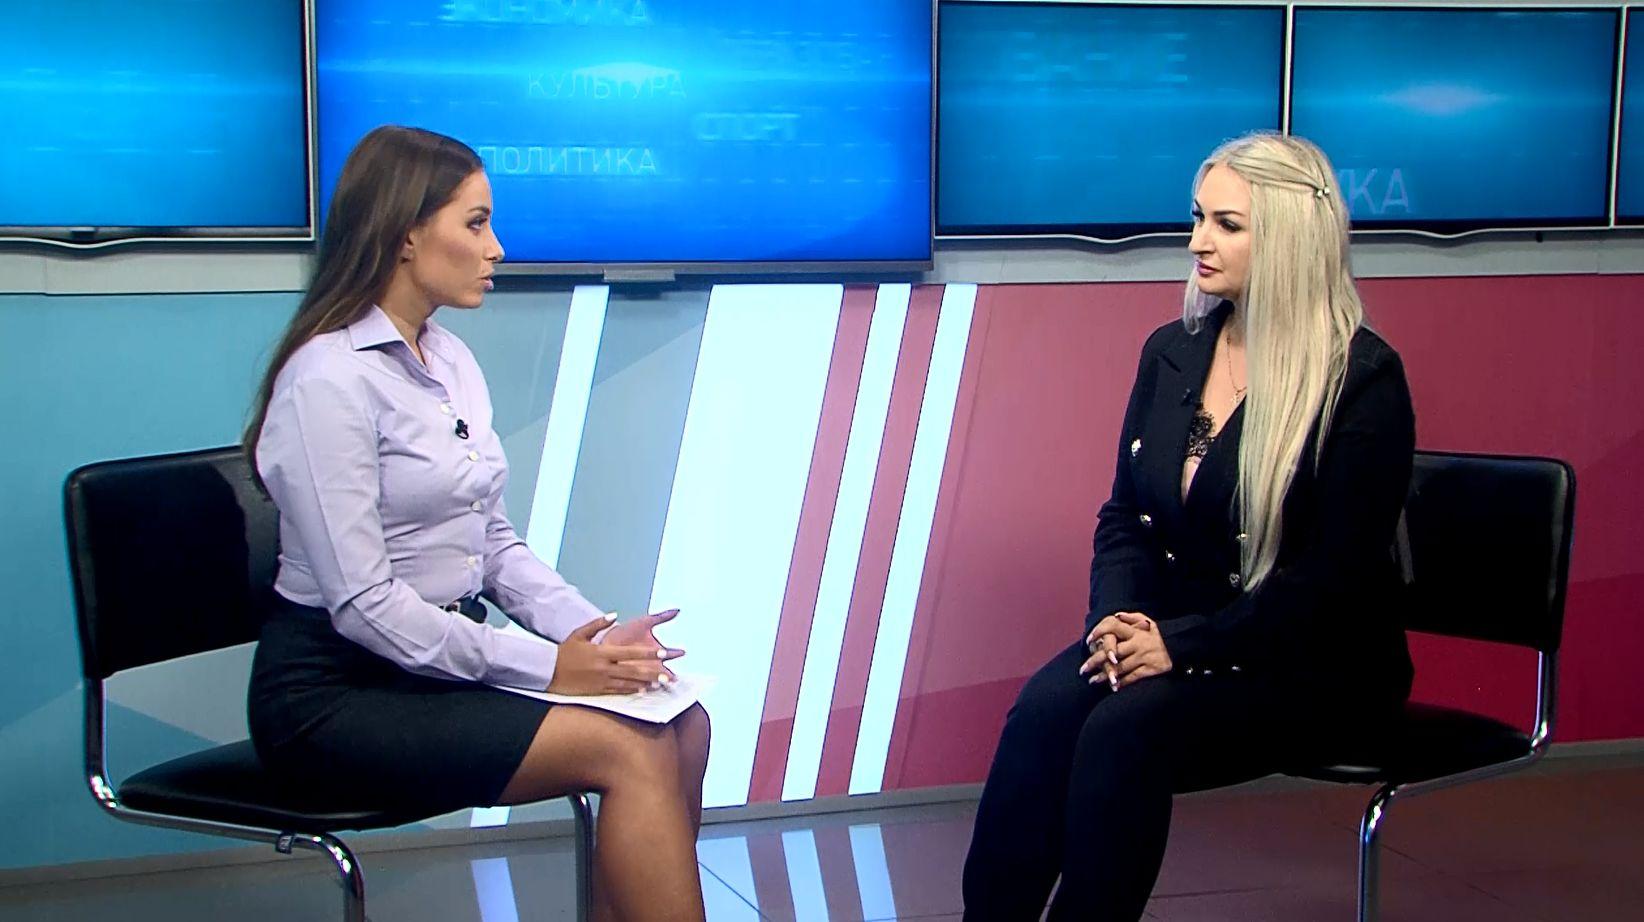 Программа «В тему»: директор Департамента государственной службы занятости населения - как пандемия изменила ярославский рынок труда